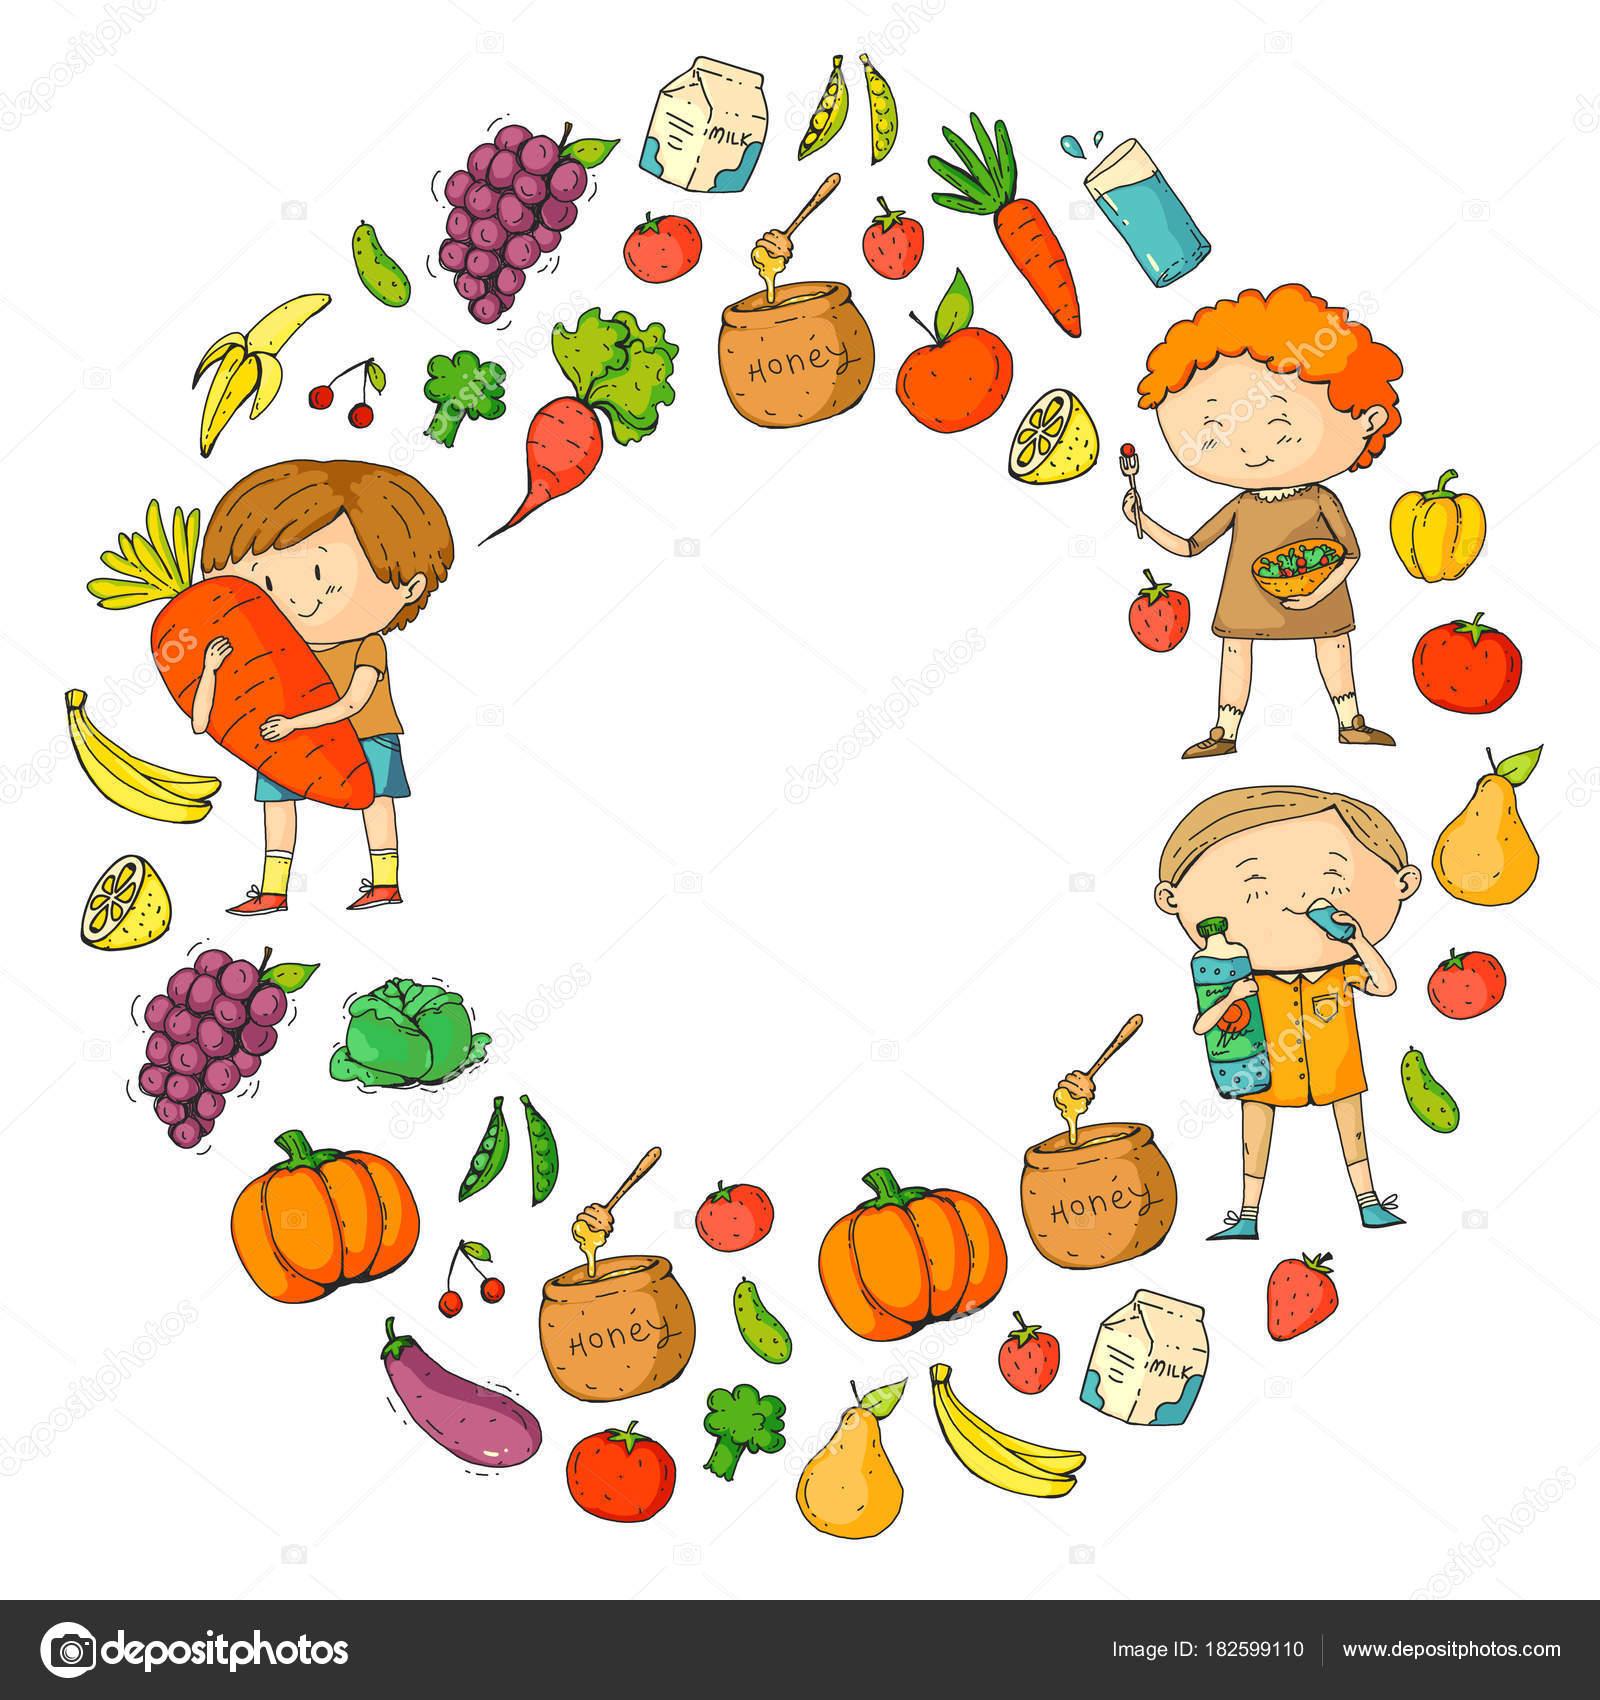 Children School And Kindergarten Healthy Food And Drinks